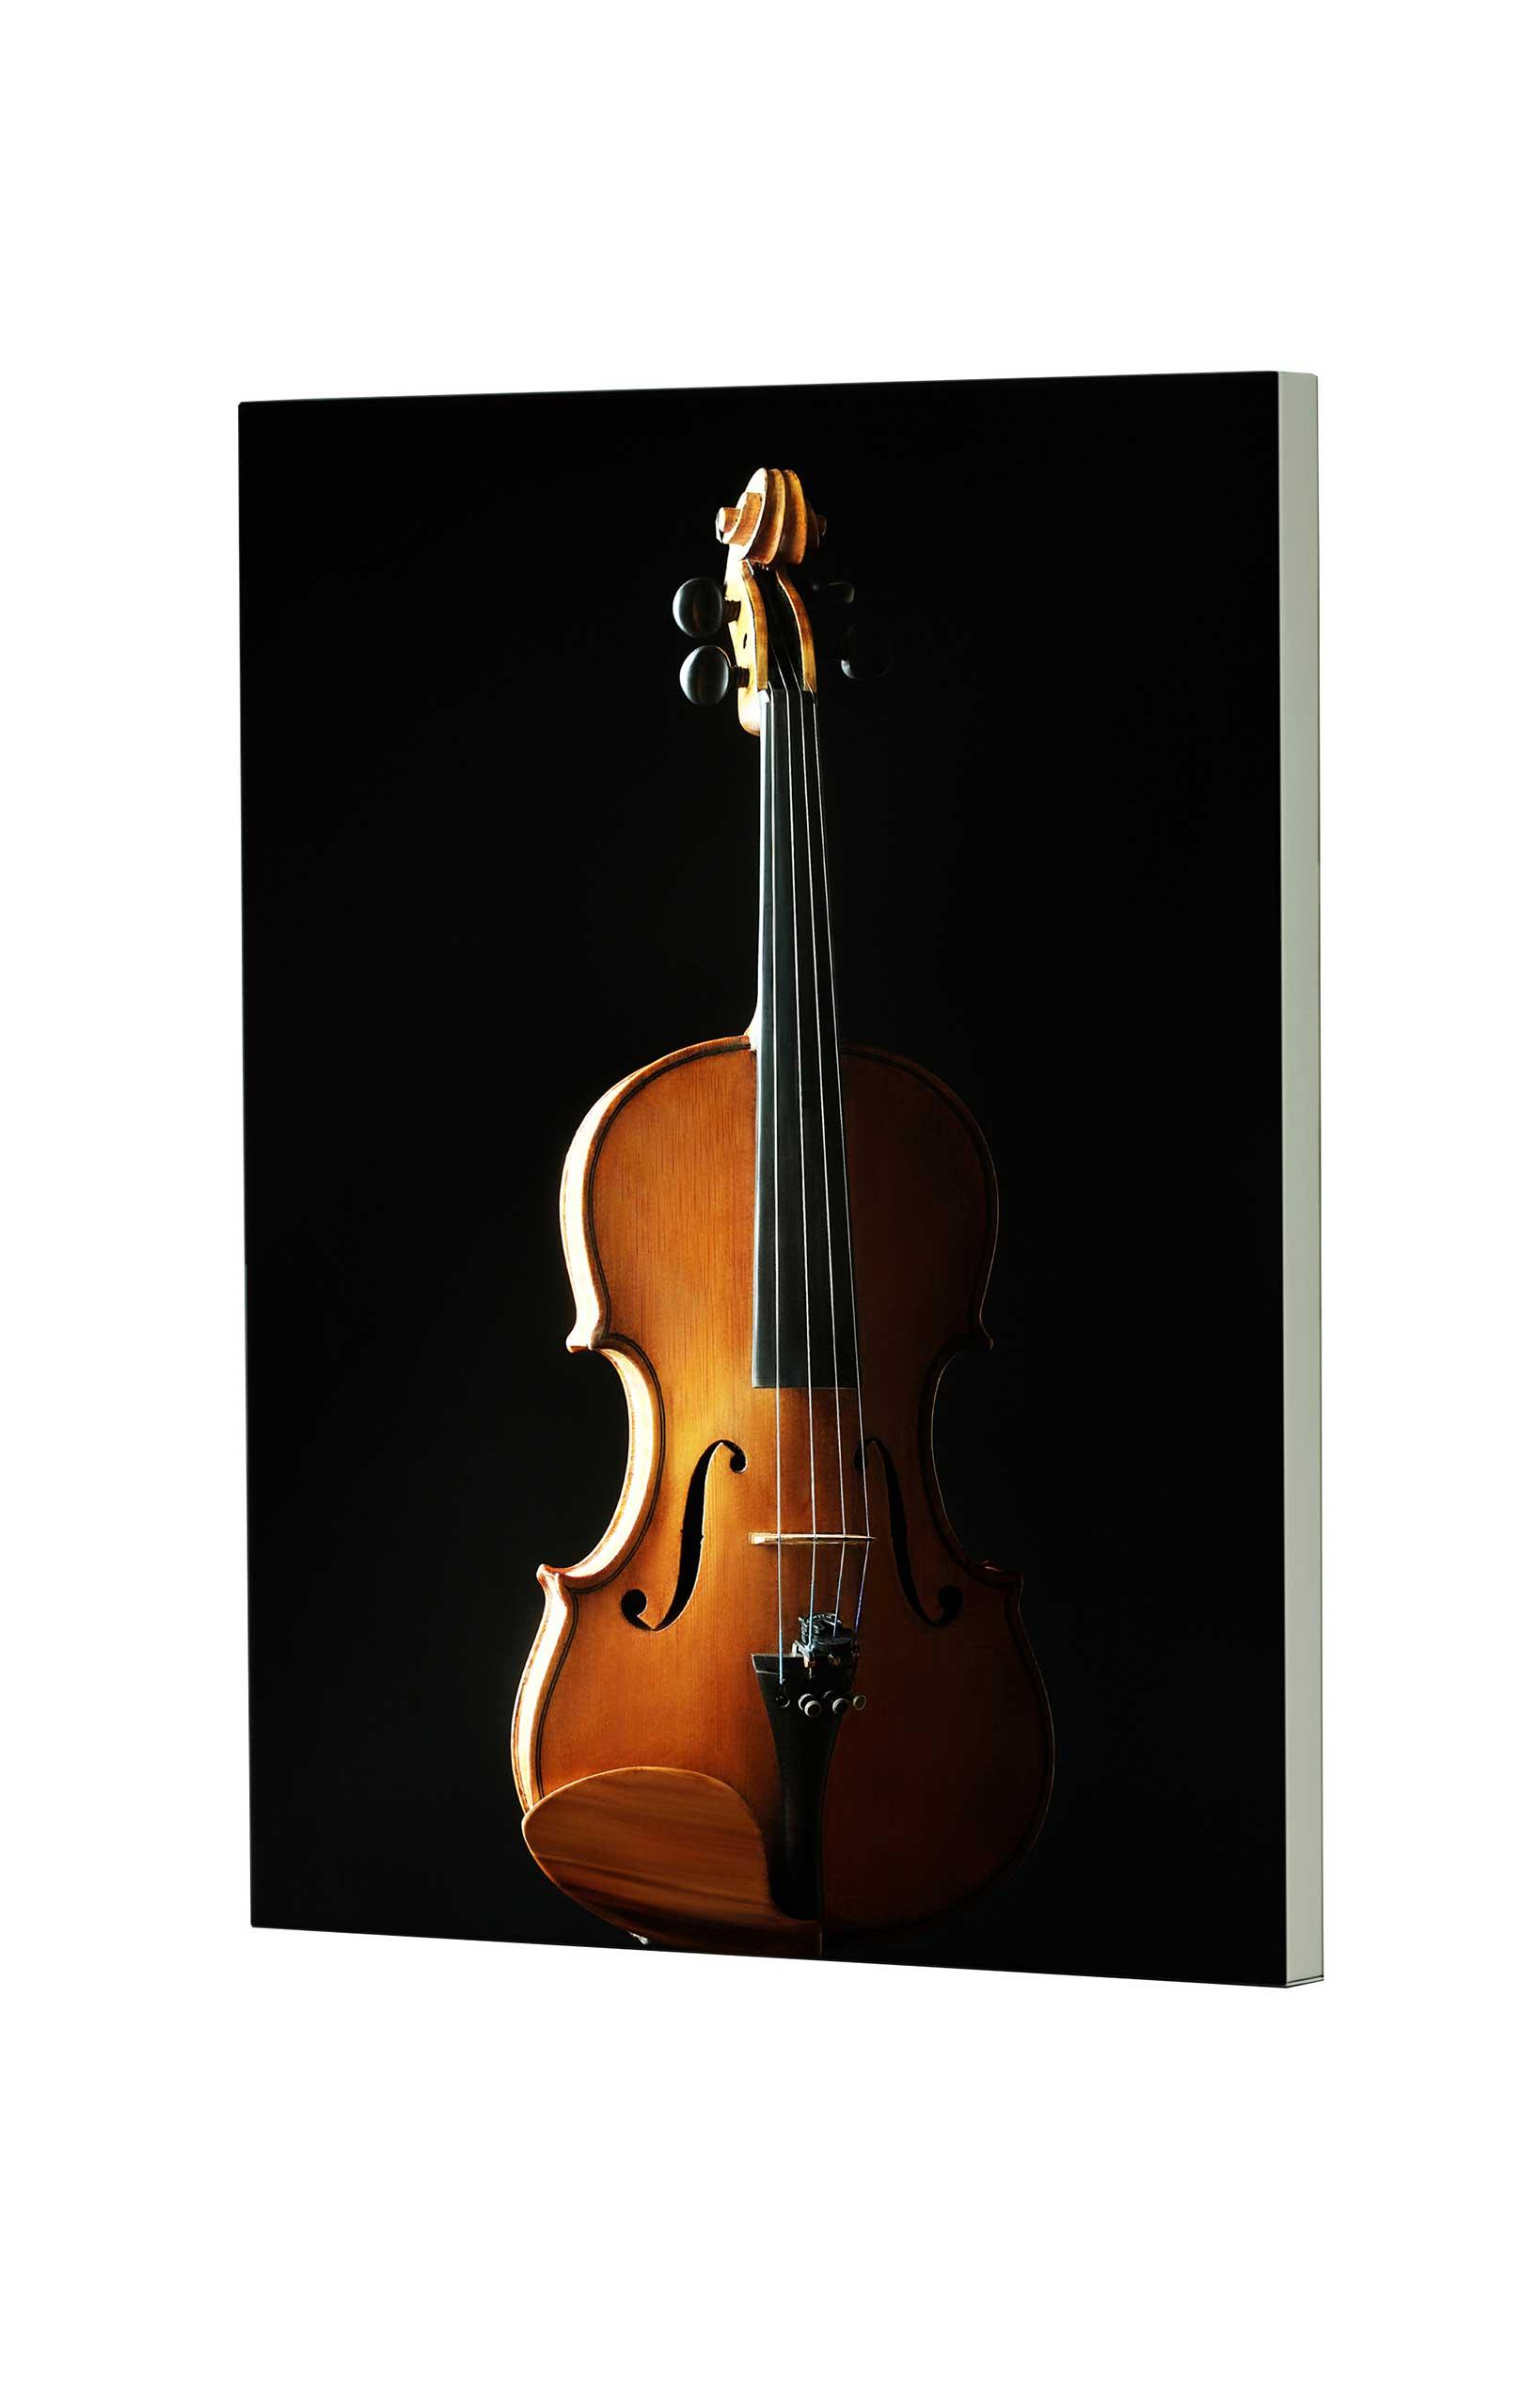 Magnettafel NOTIZ 60x80cm Motiv Cello MDH152 Motiv-Pinnwand